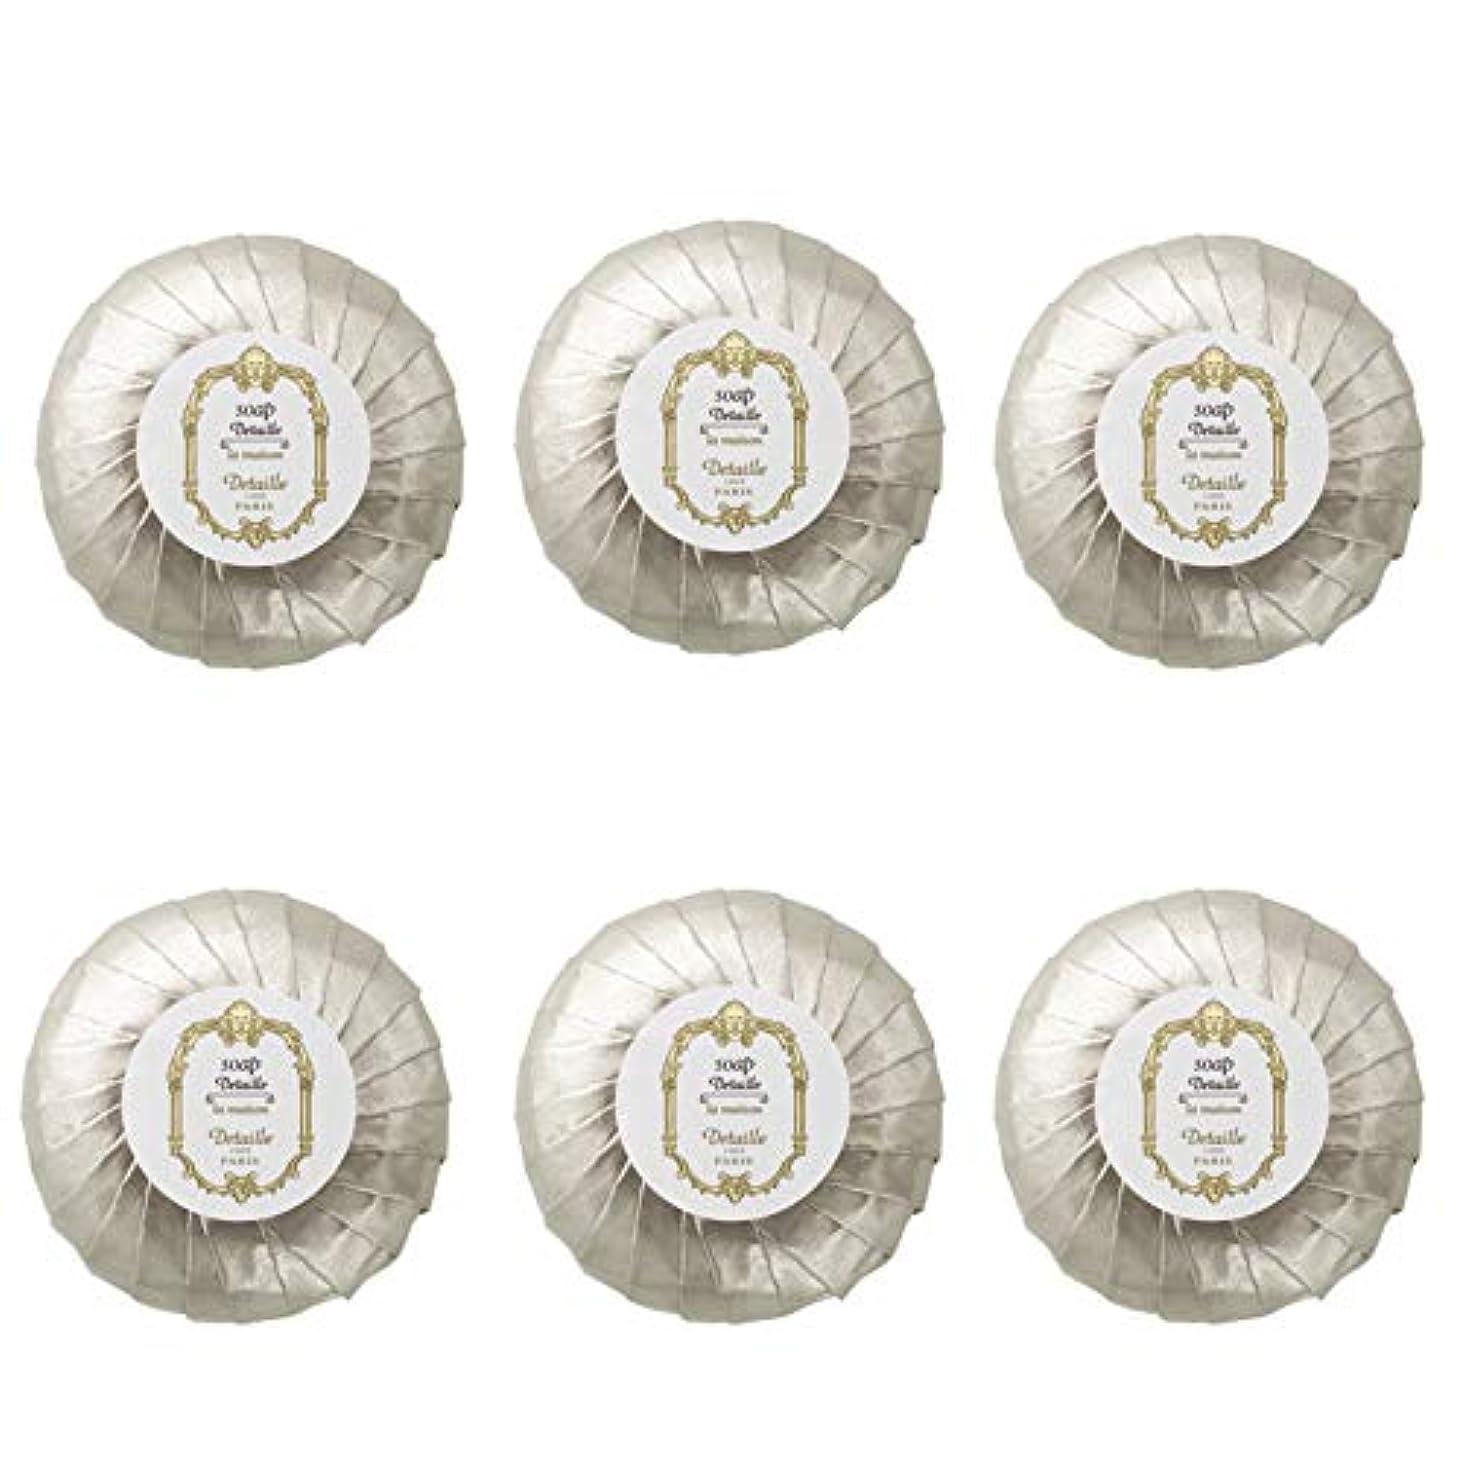 石の強風息子POLA デタイユ ラ メゾン スキンソープ 固形石鹸 (プリーツ包装) 50g×6個